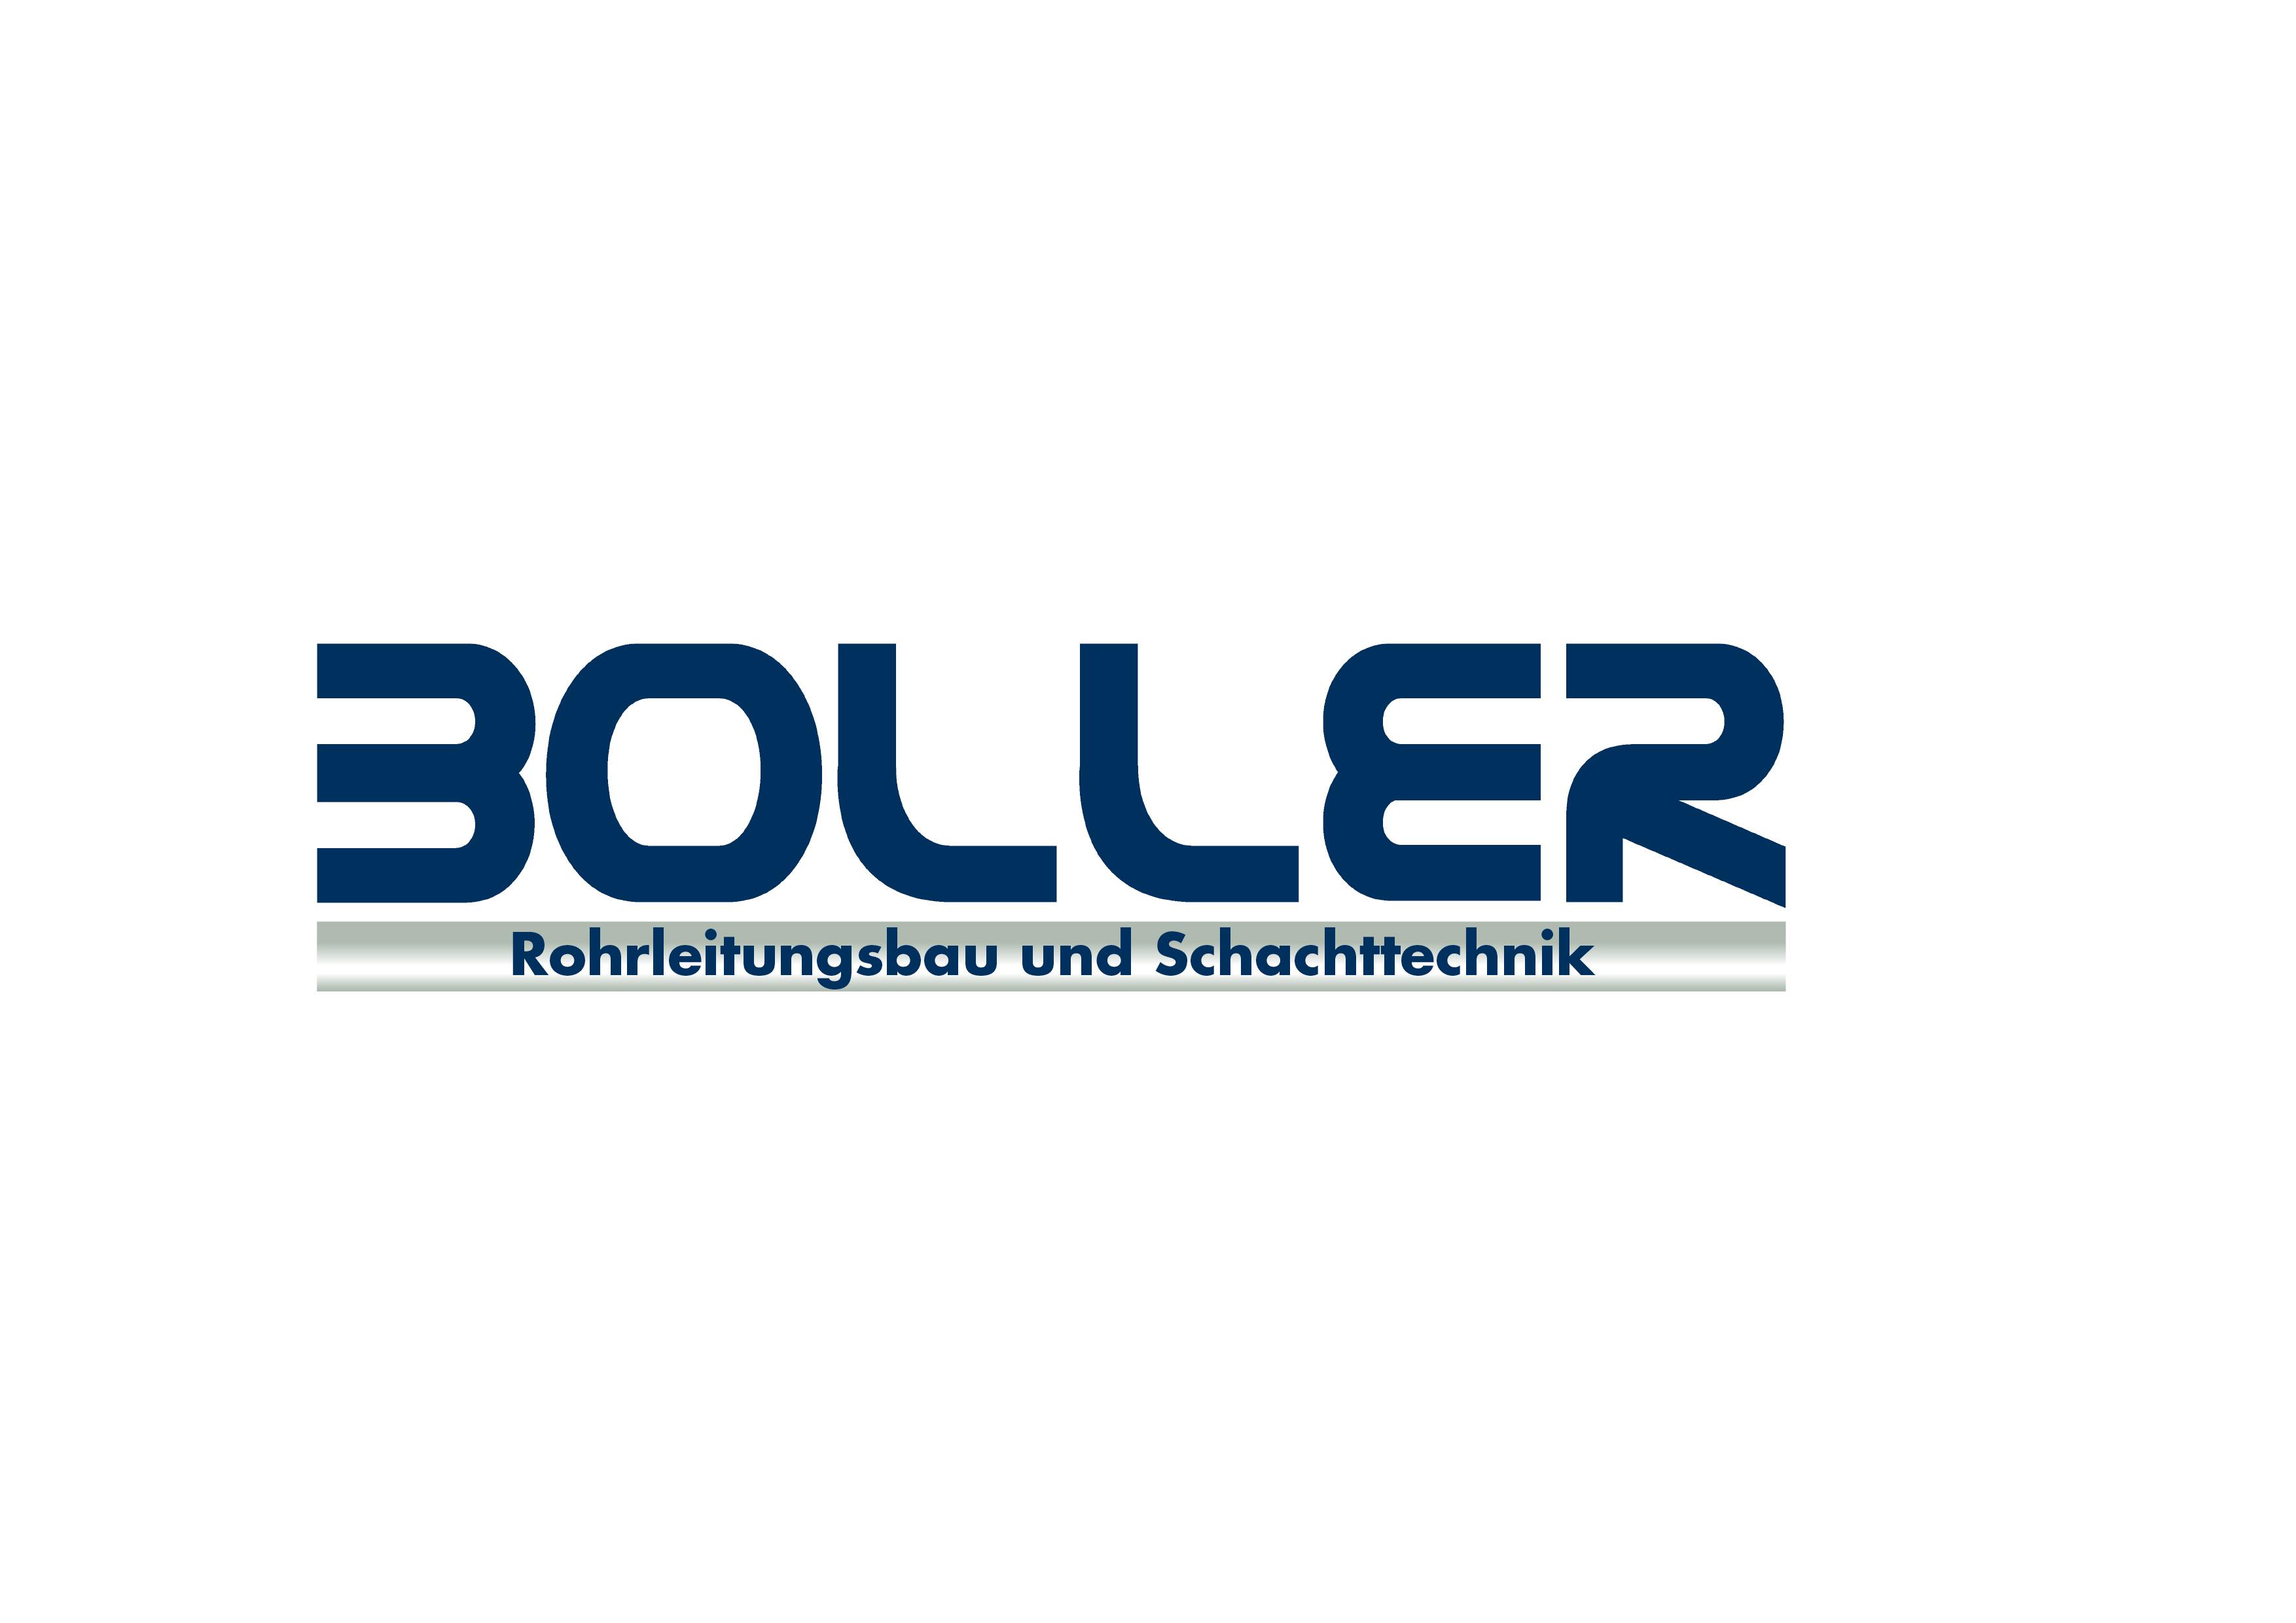 Torsten Boller